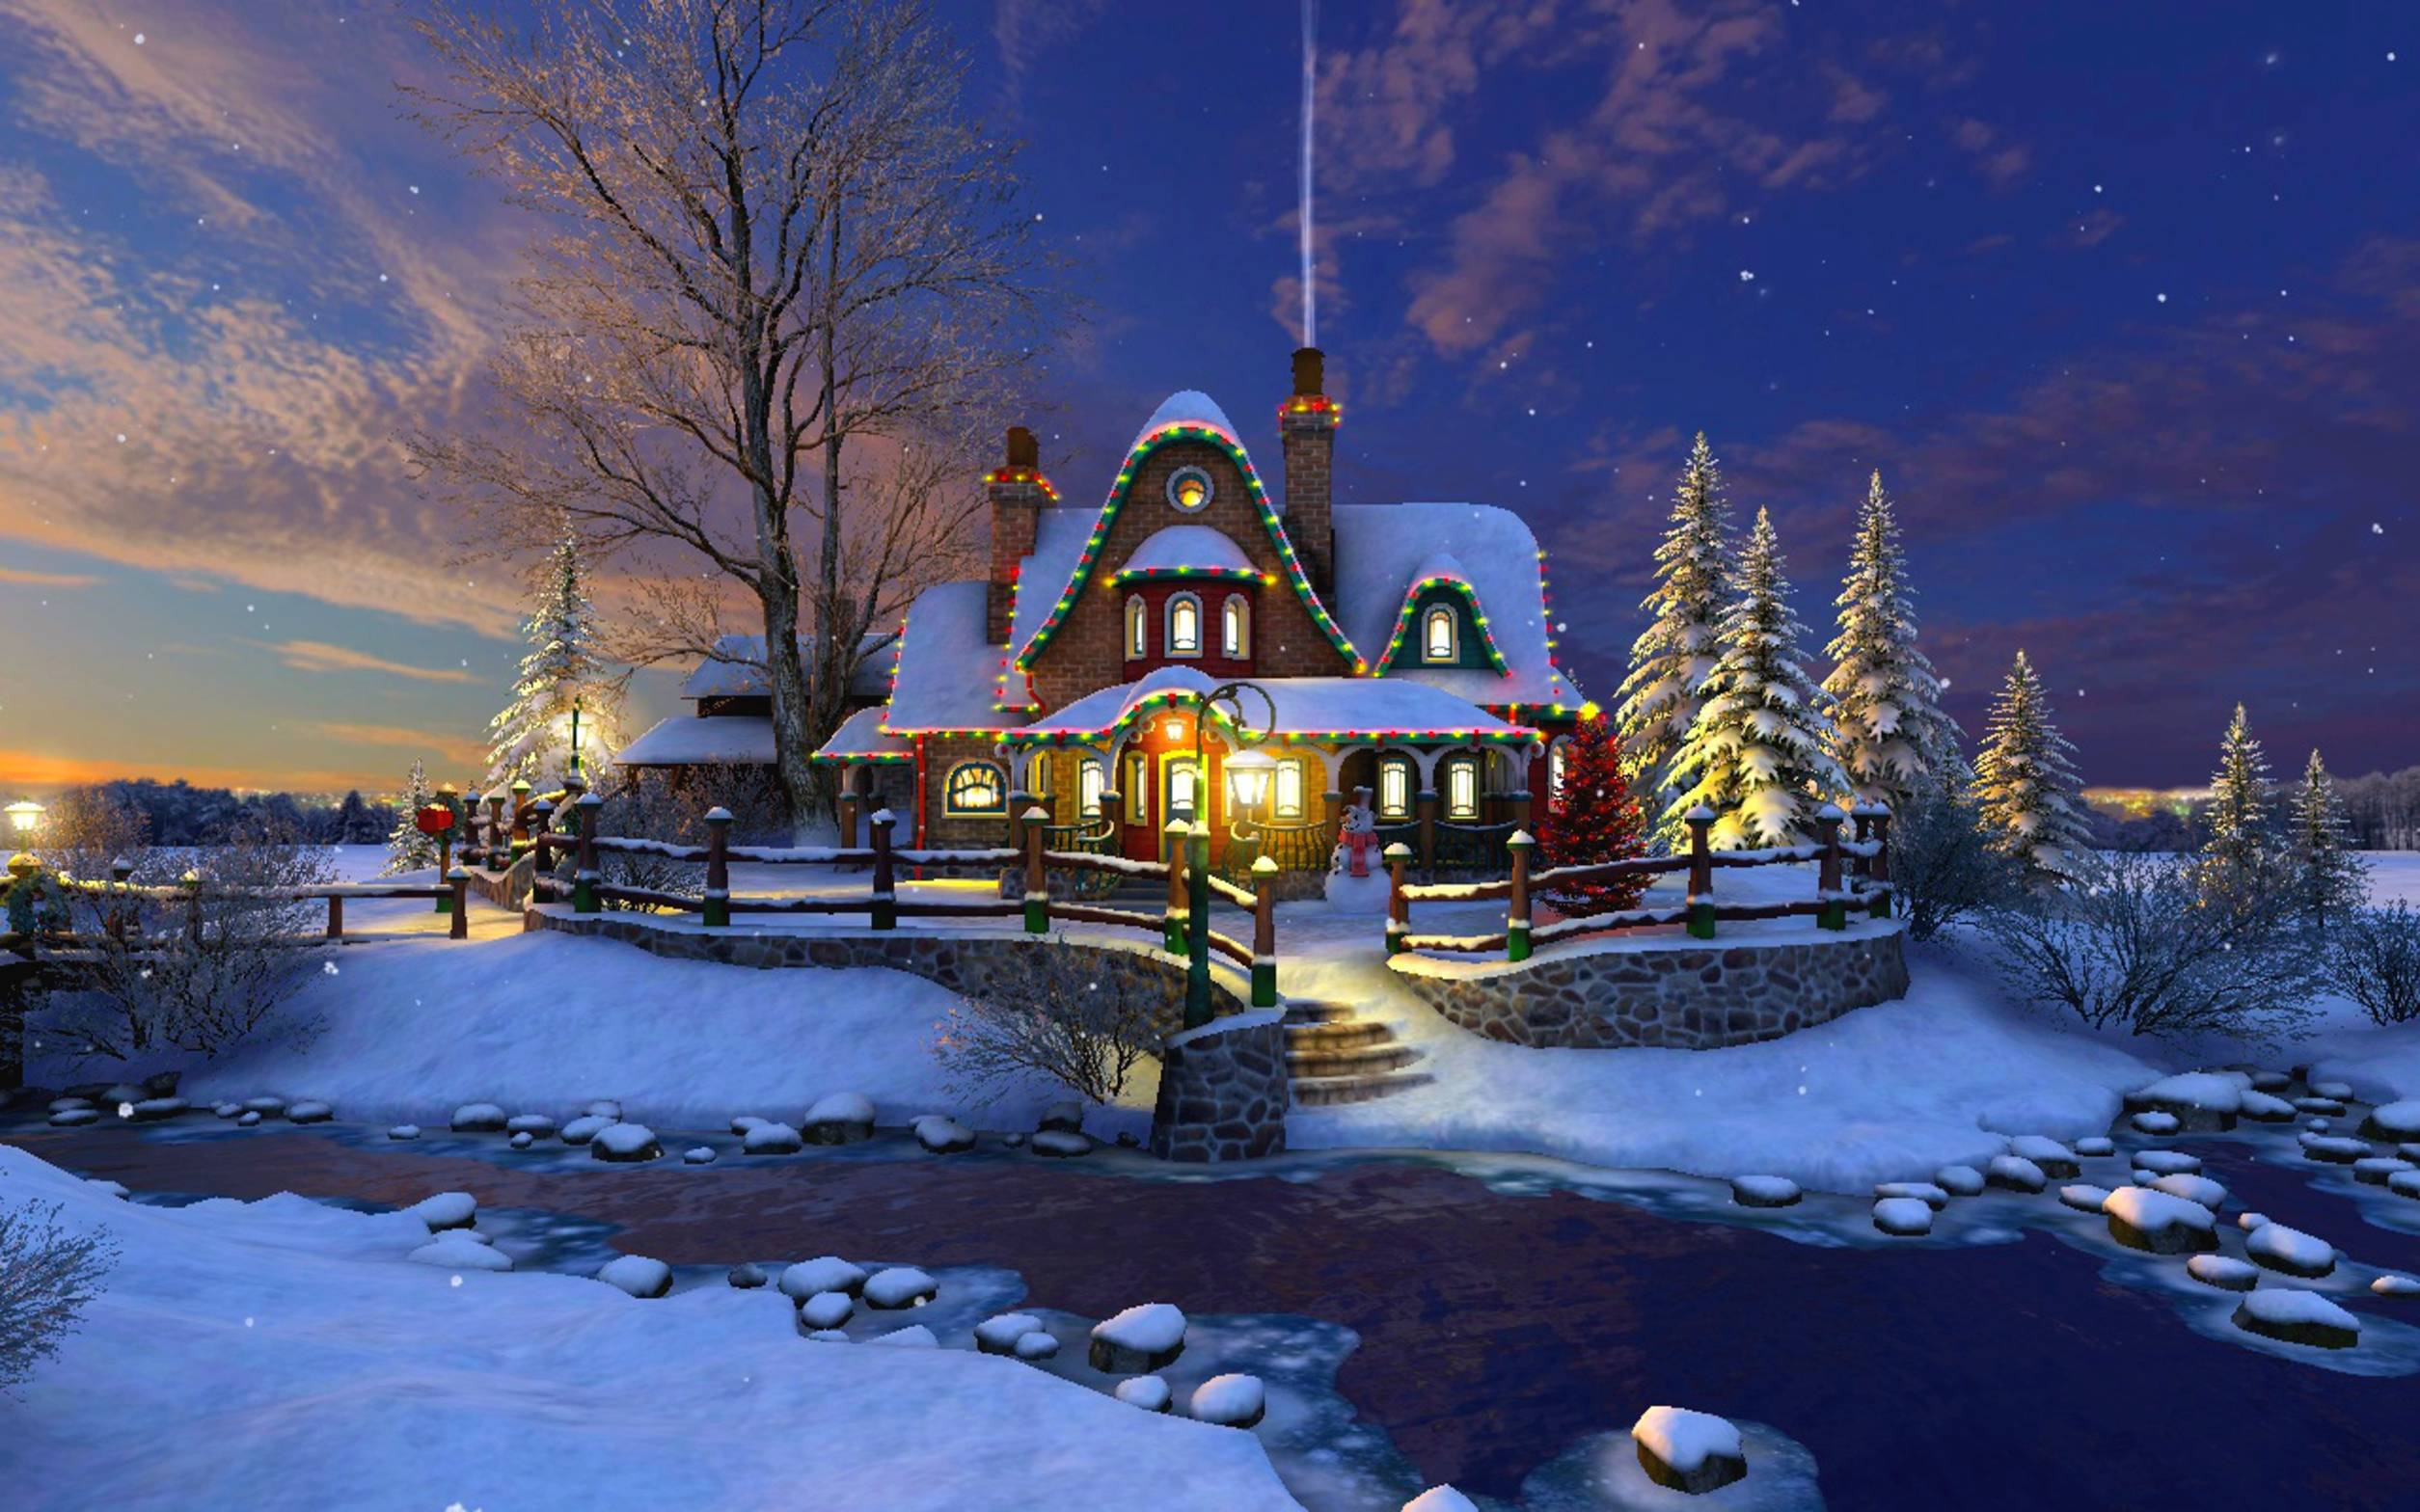 Christmas House Wallpapers